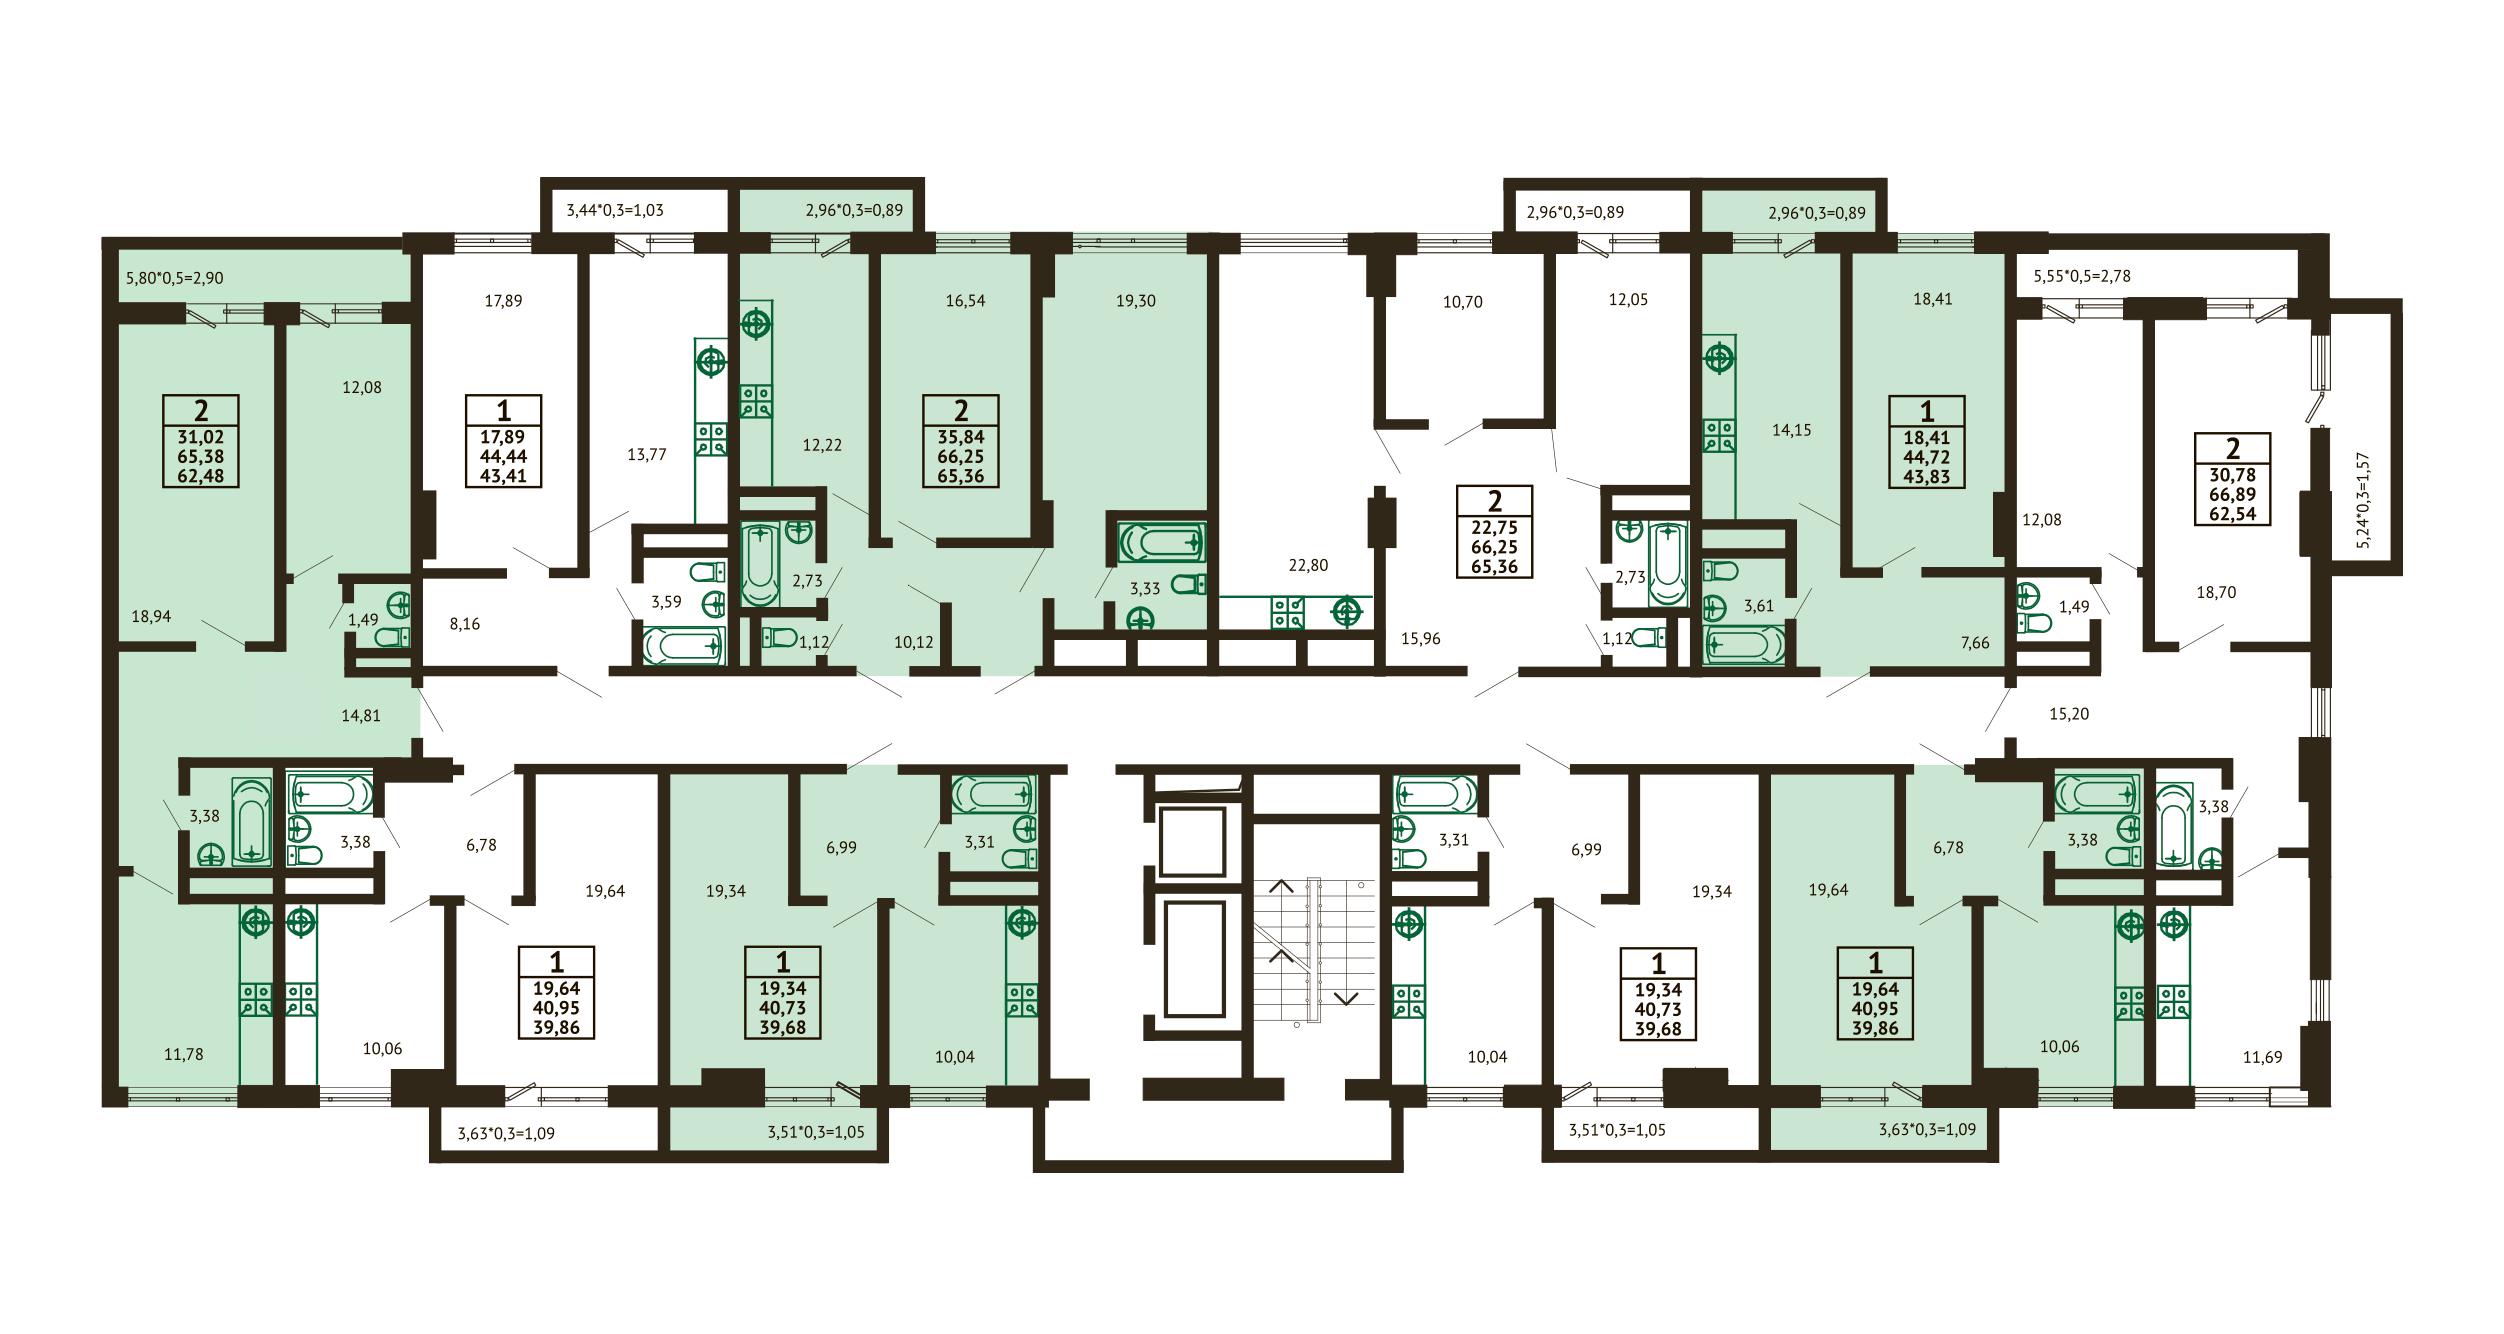 Планировка ЖК Грин Парк Литер 3 - Подъезд 2 - Этаж 10